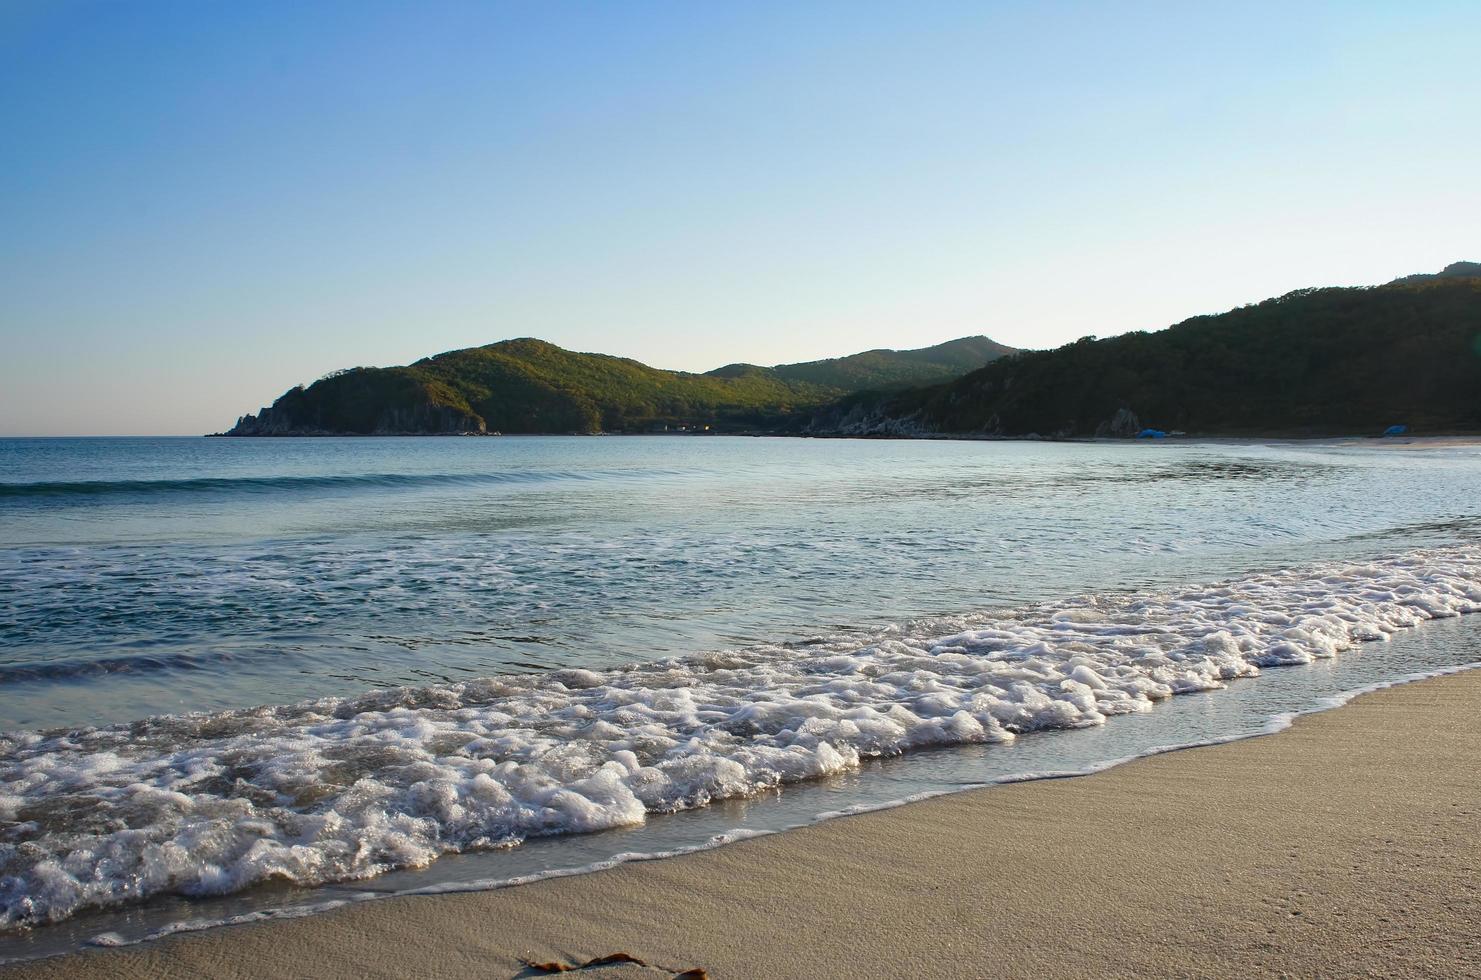 vågor vid stranden och bergen i bakgrunden vid Japans hav foto